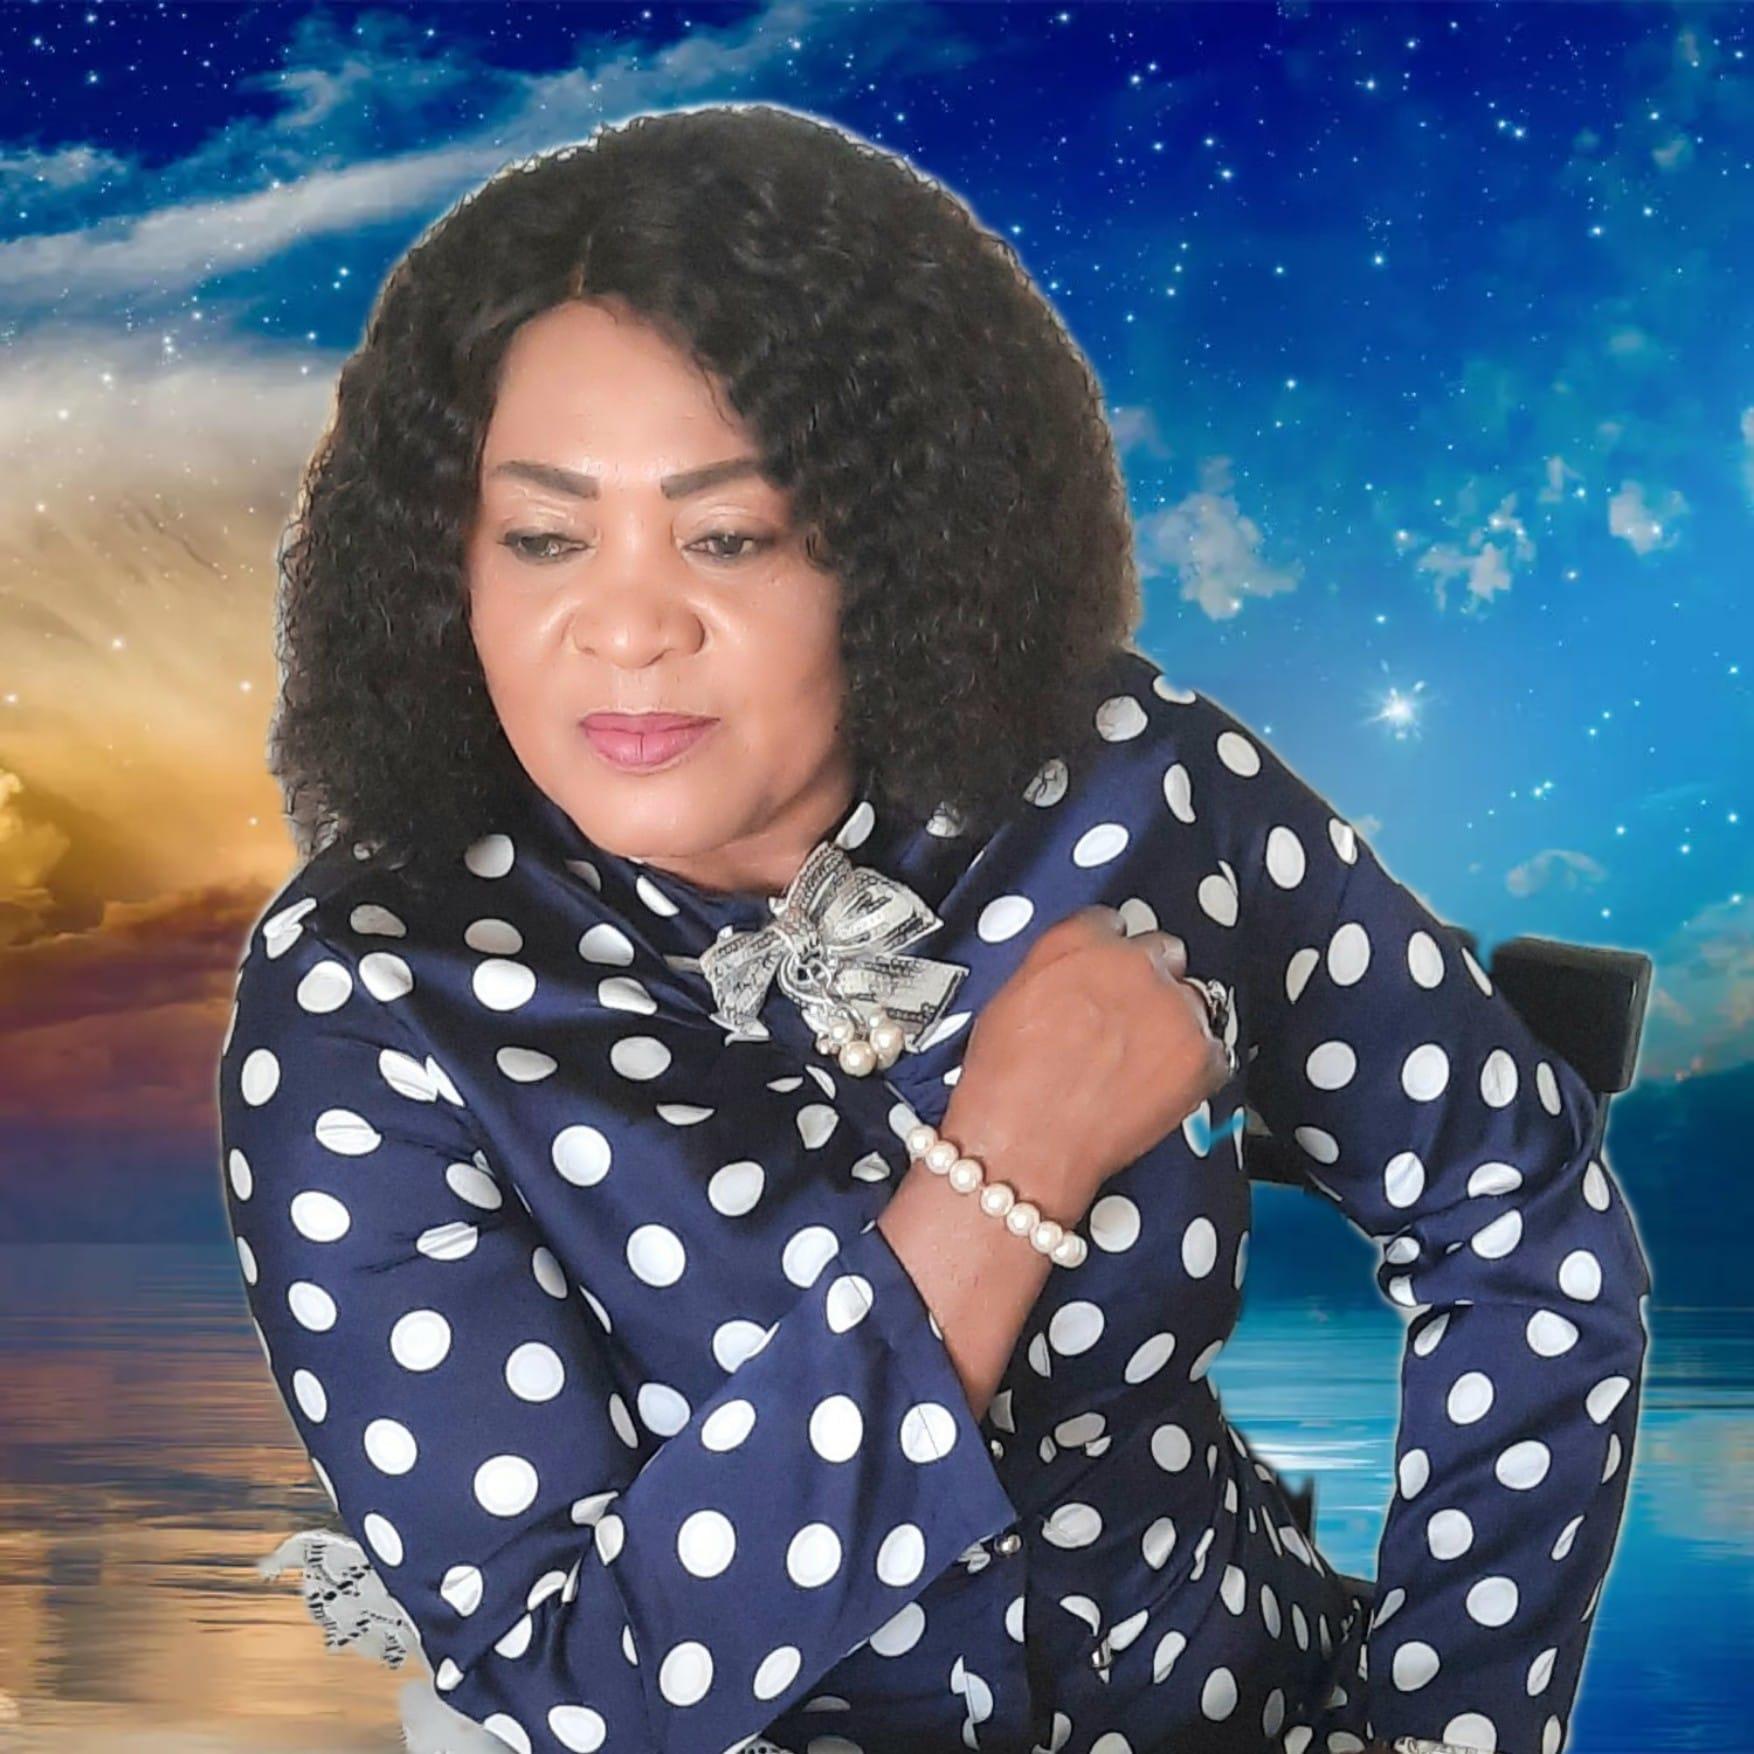 Nigerian-Spain based gospel singer, Chiny Ezike